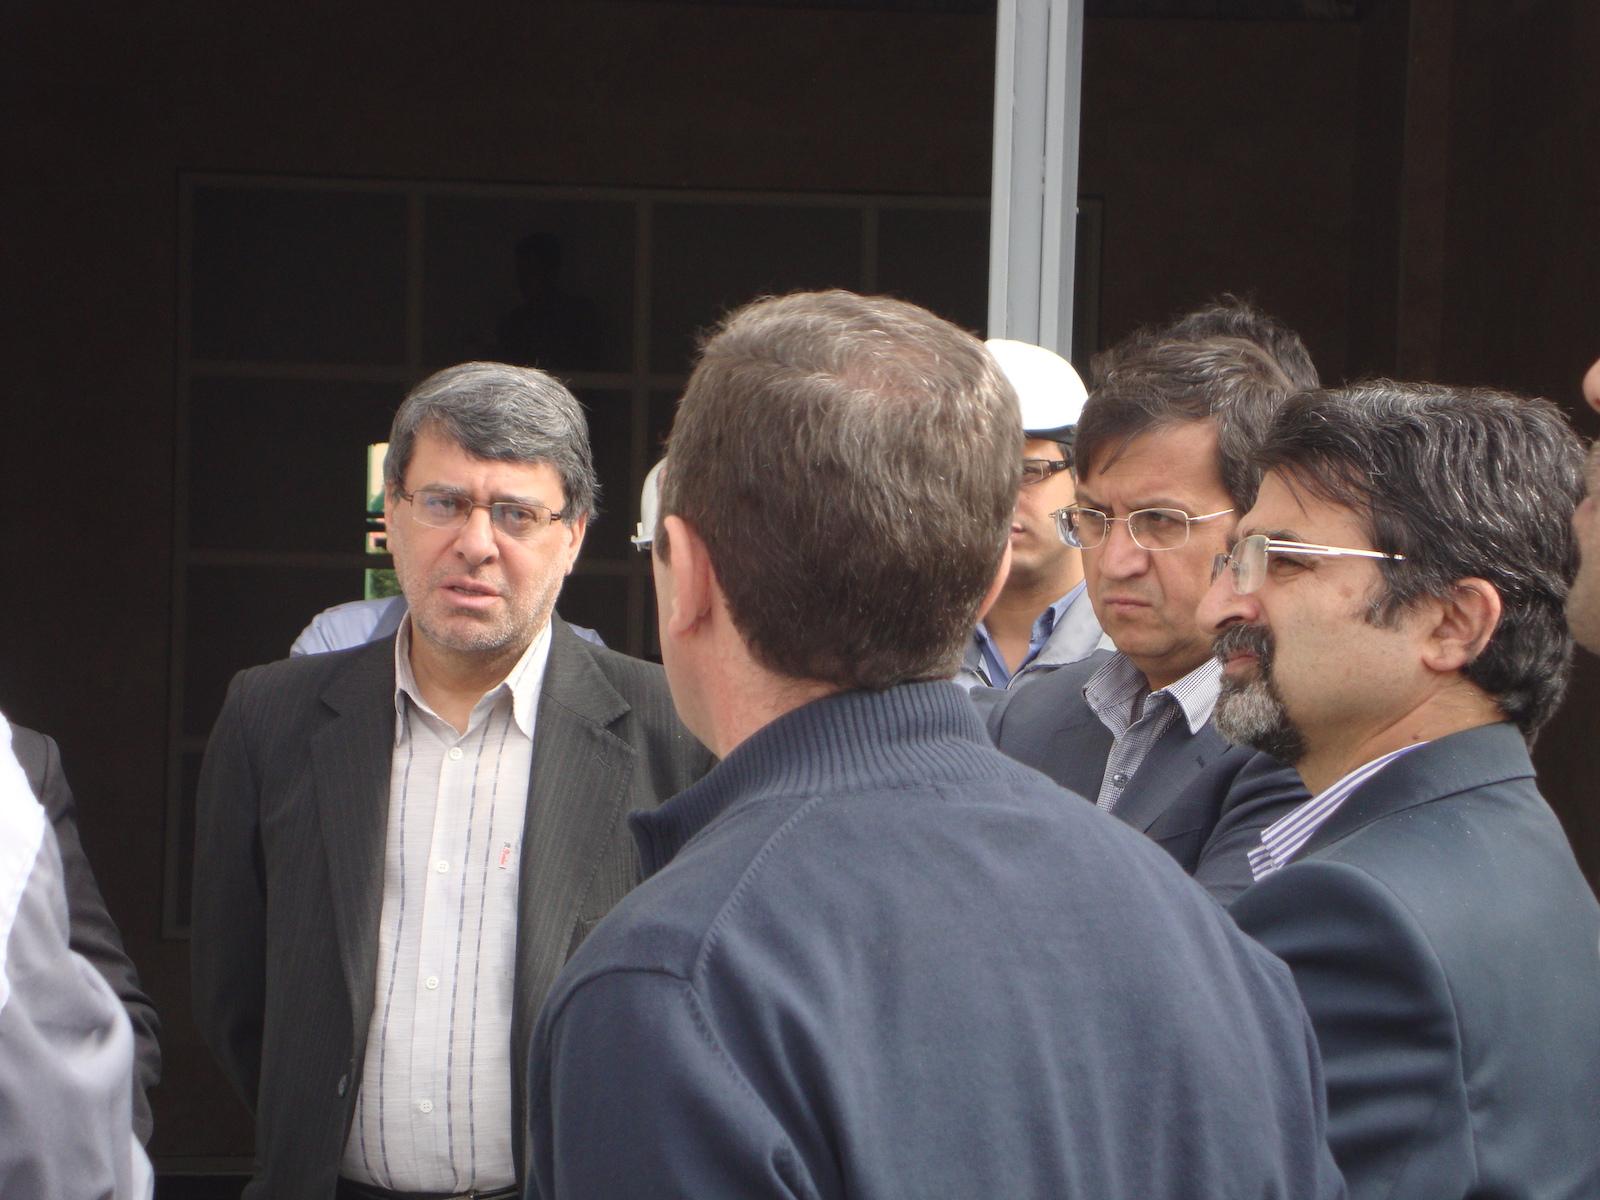 بازدید مدیران.از سمت راست:مدیرعامل شرکت-مدیر عامل بانک-معاون اجرایی(پشت به دوربین)-رییس هیات مدیره شرکت